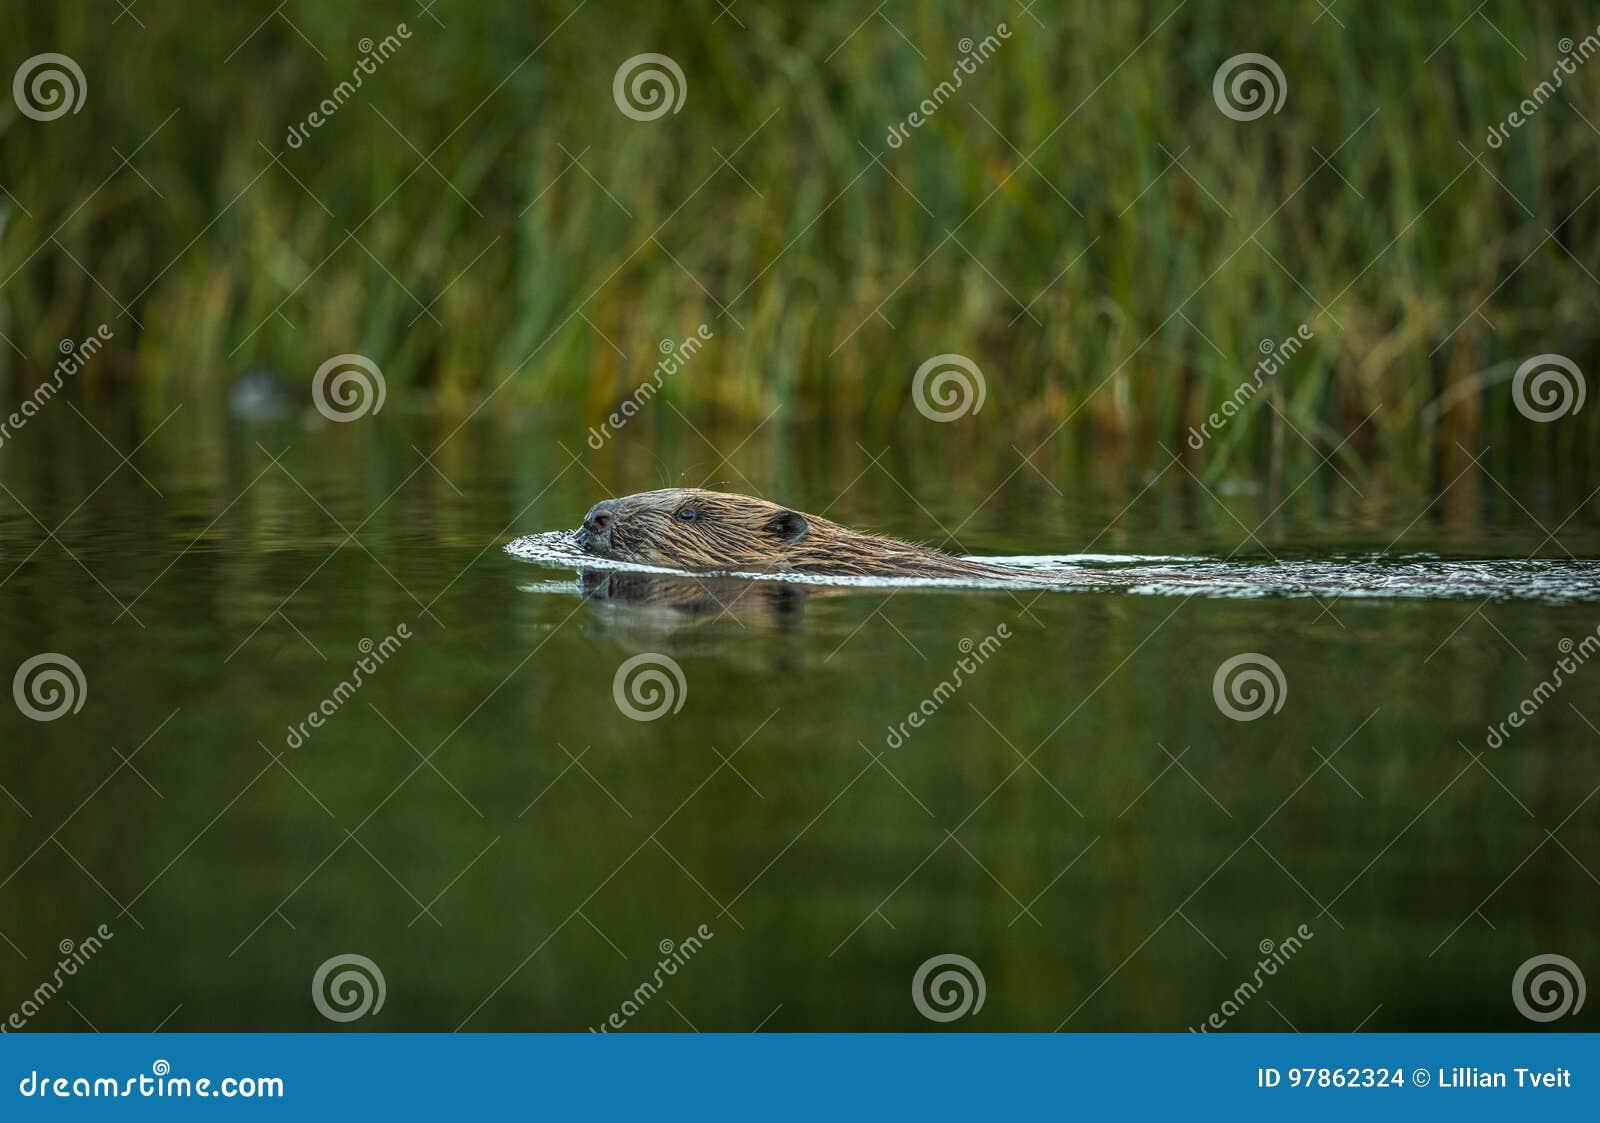 Europese Bever, Bevervezel, die in een rivier zwemmen